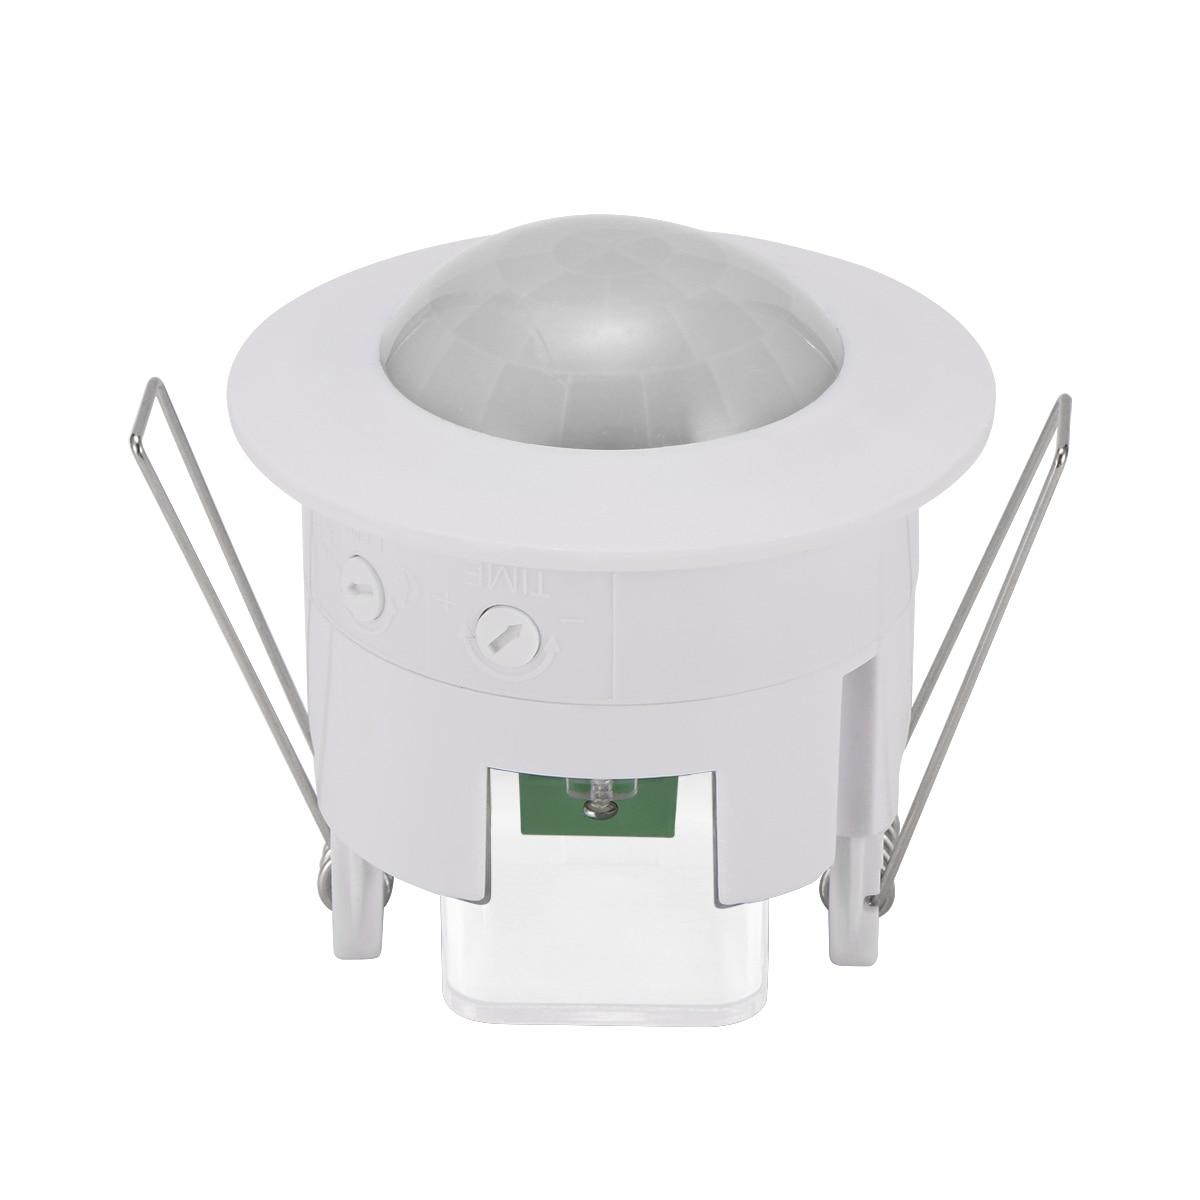 Инфракрасный датчик движения, мини-светильник с датчиком движения 360 градусов